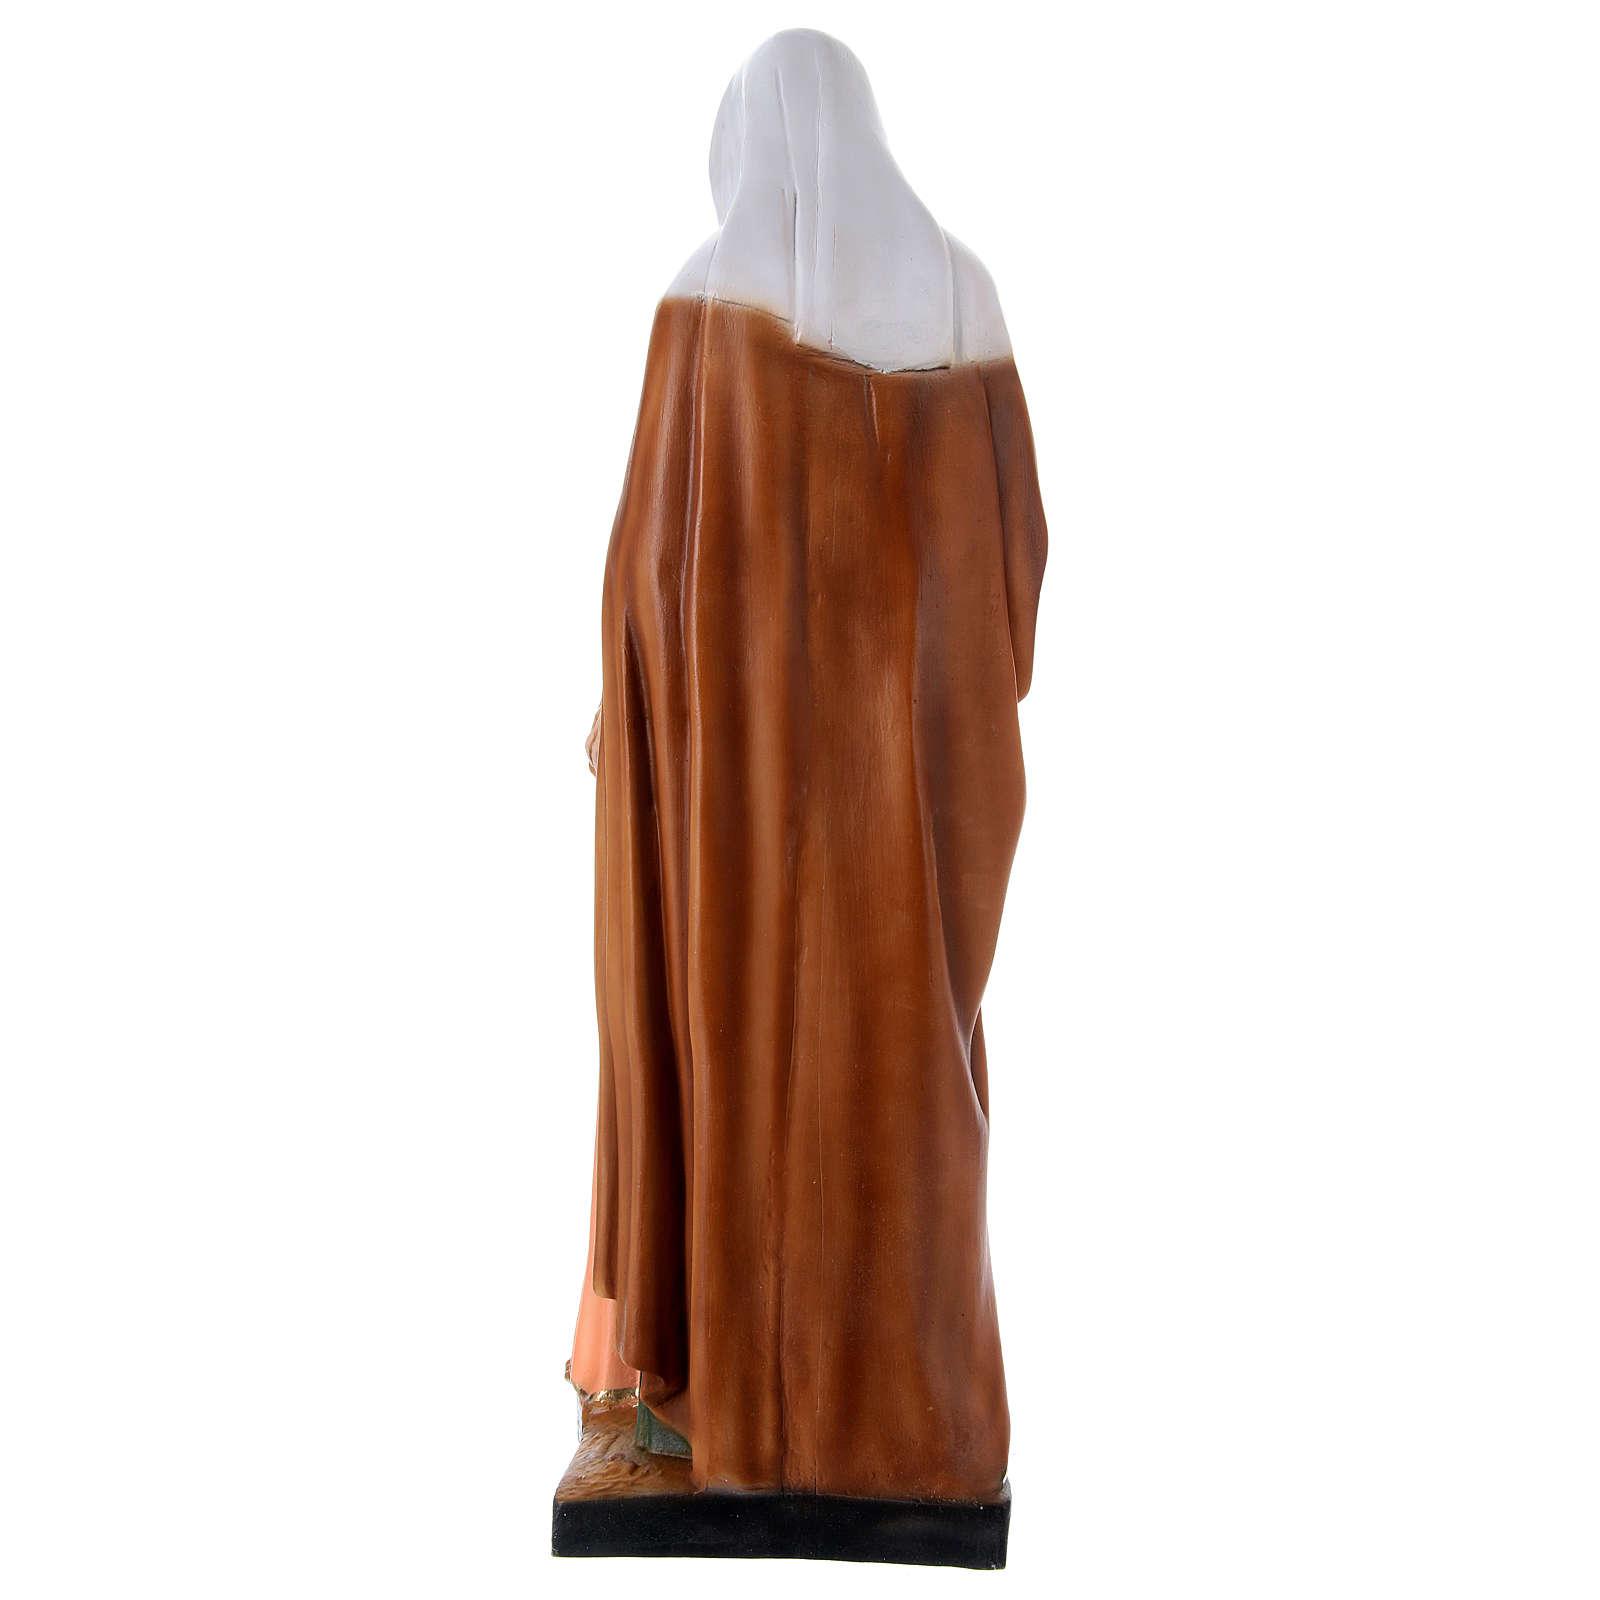 Saint Anne Resin Statue, 60 cm 4